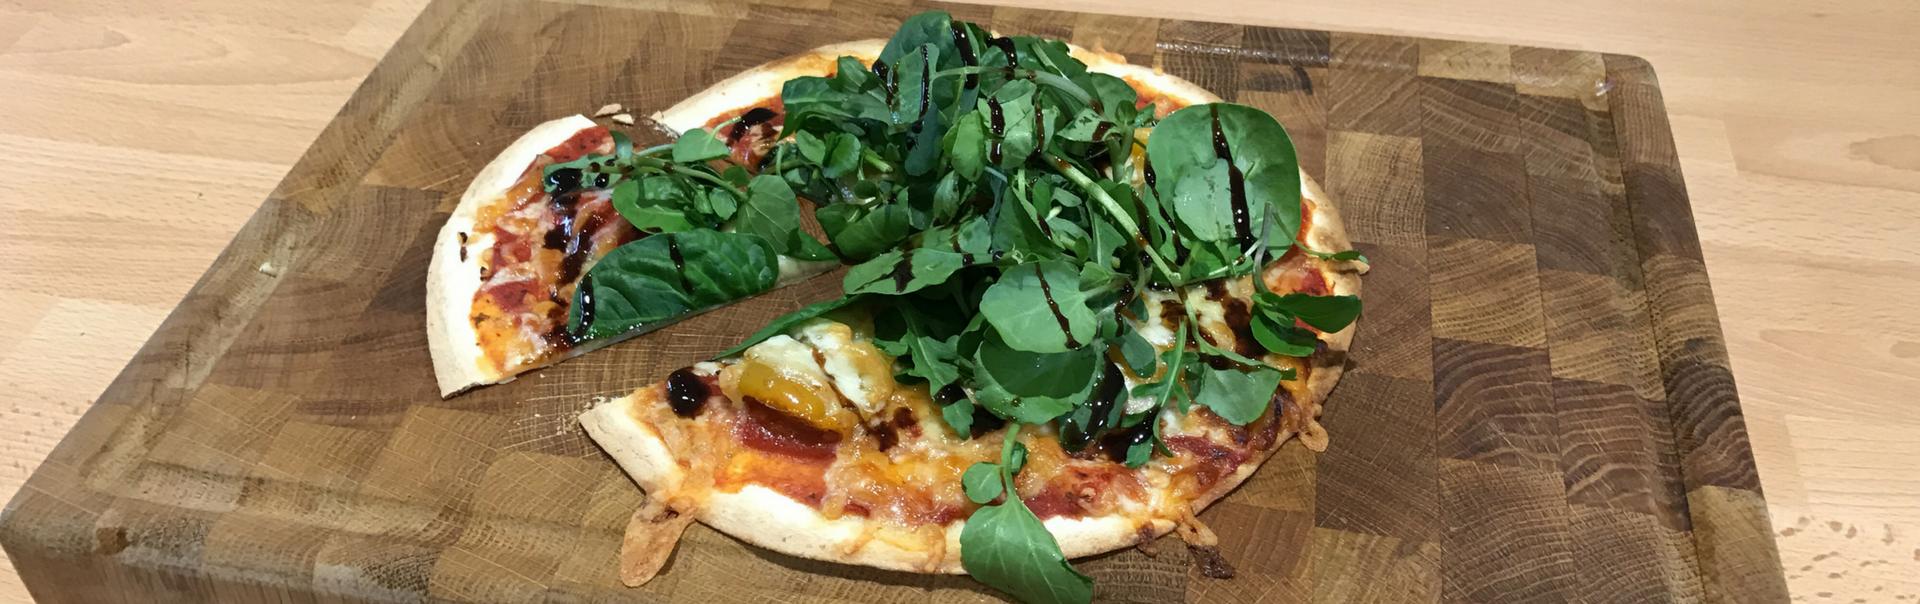 Simple, Healthy Pizza Tortillas